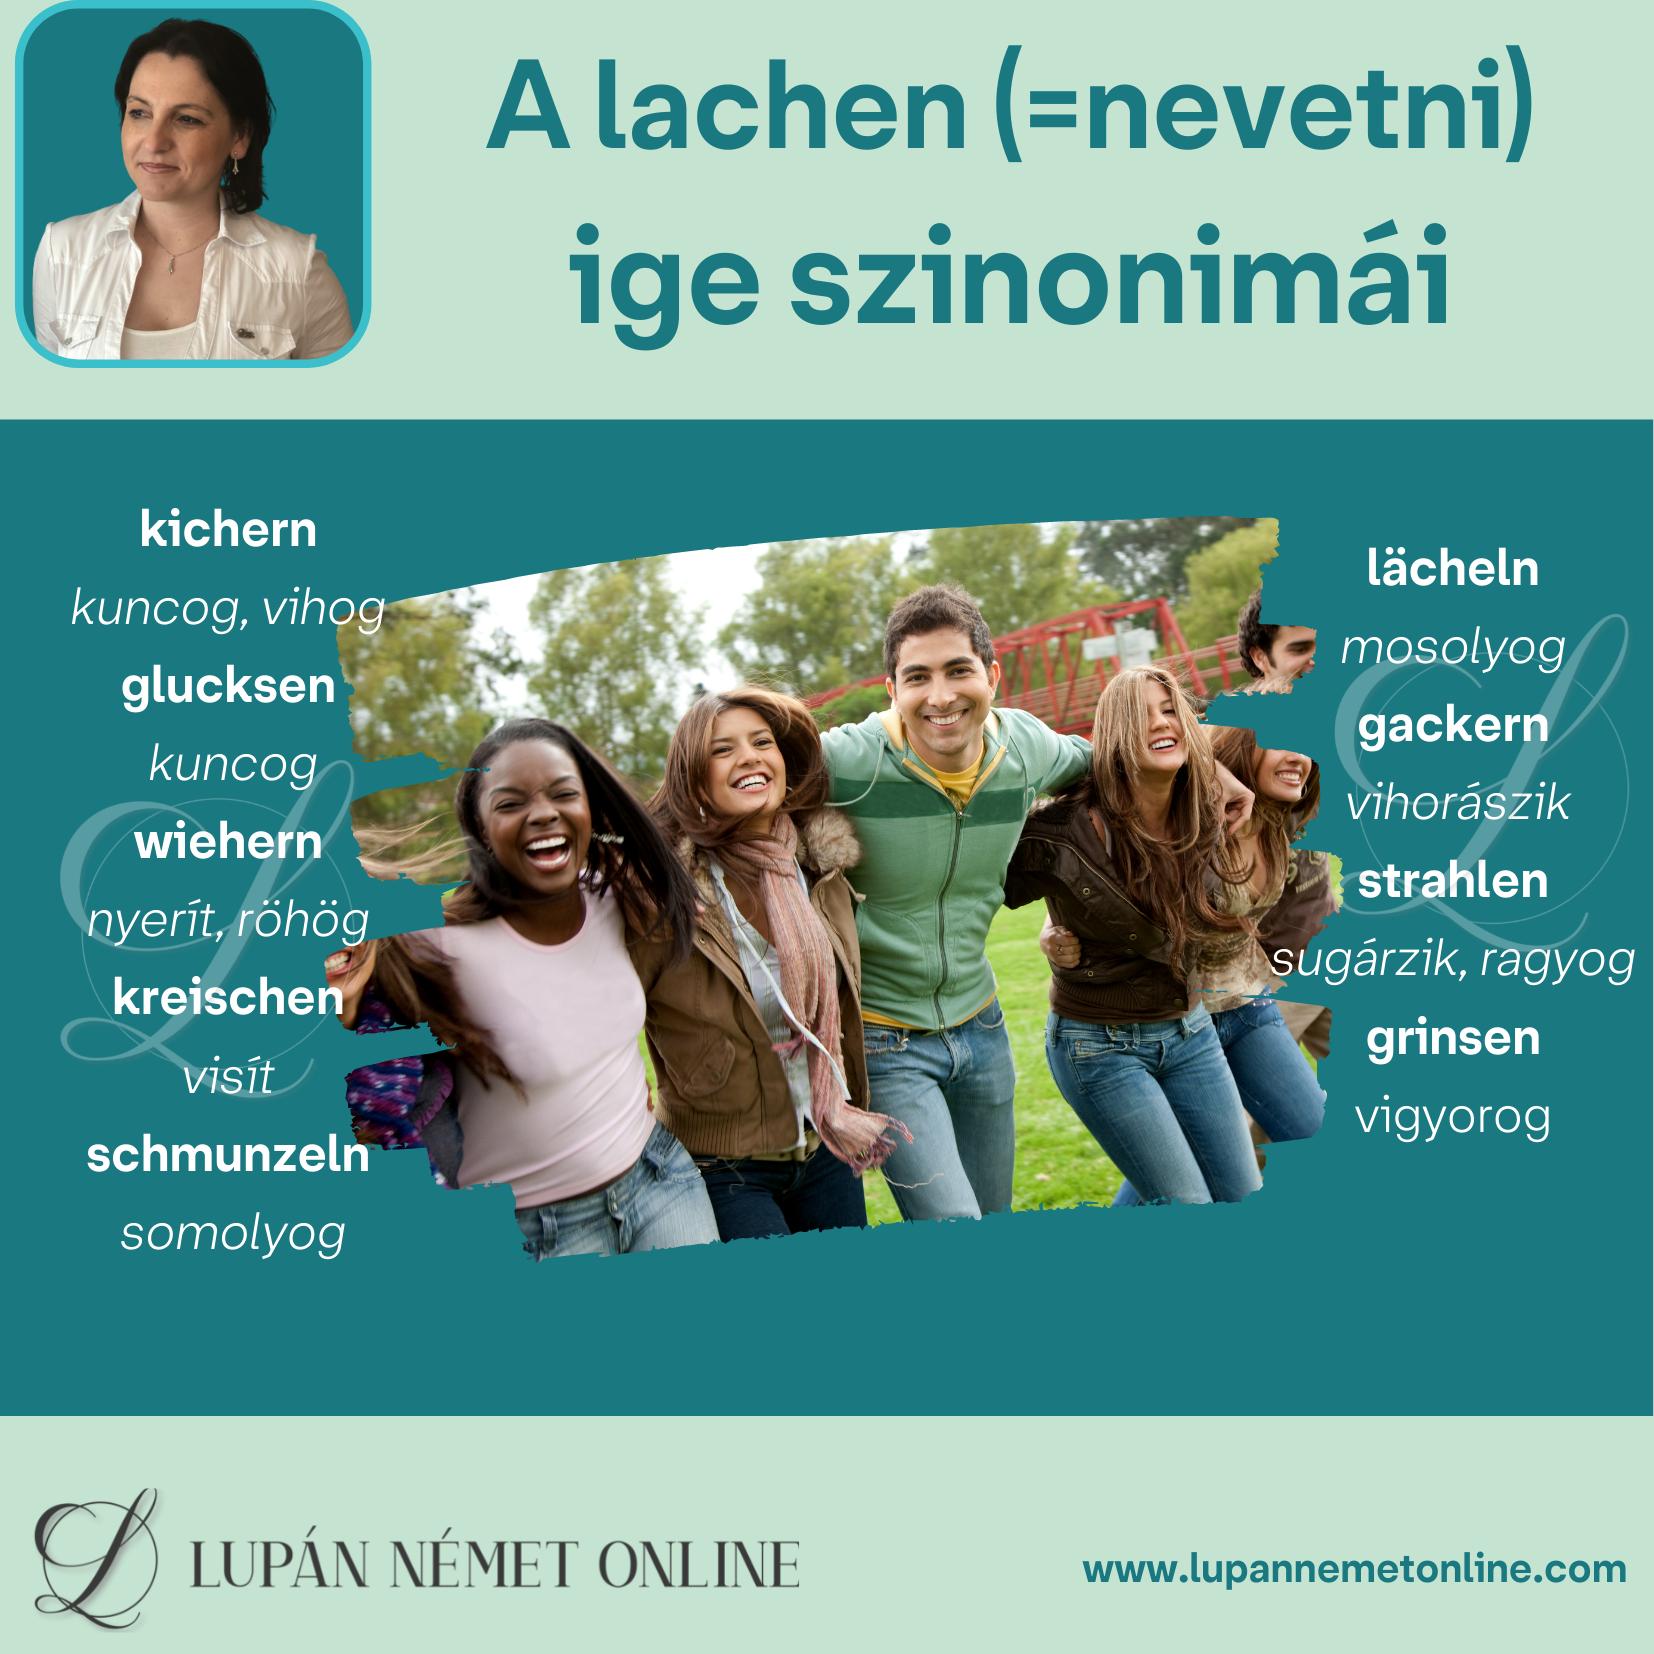 lacheln _szinonimái